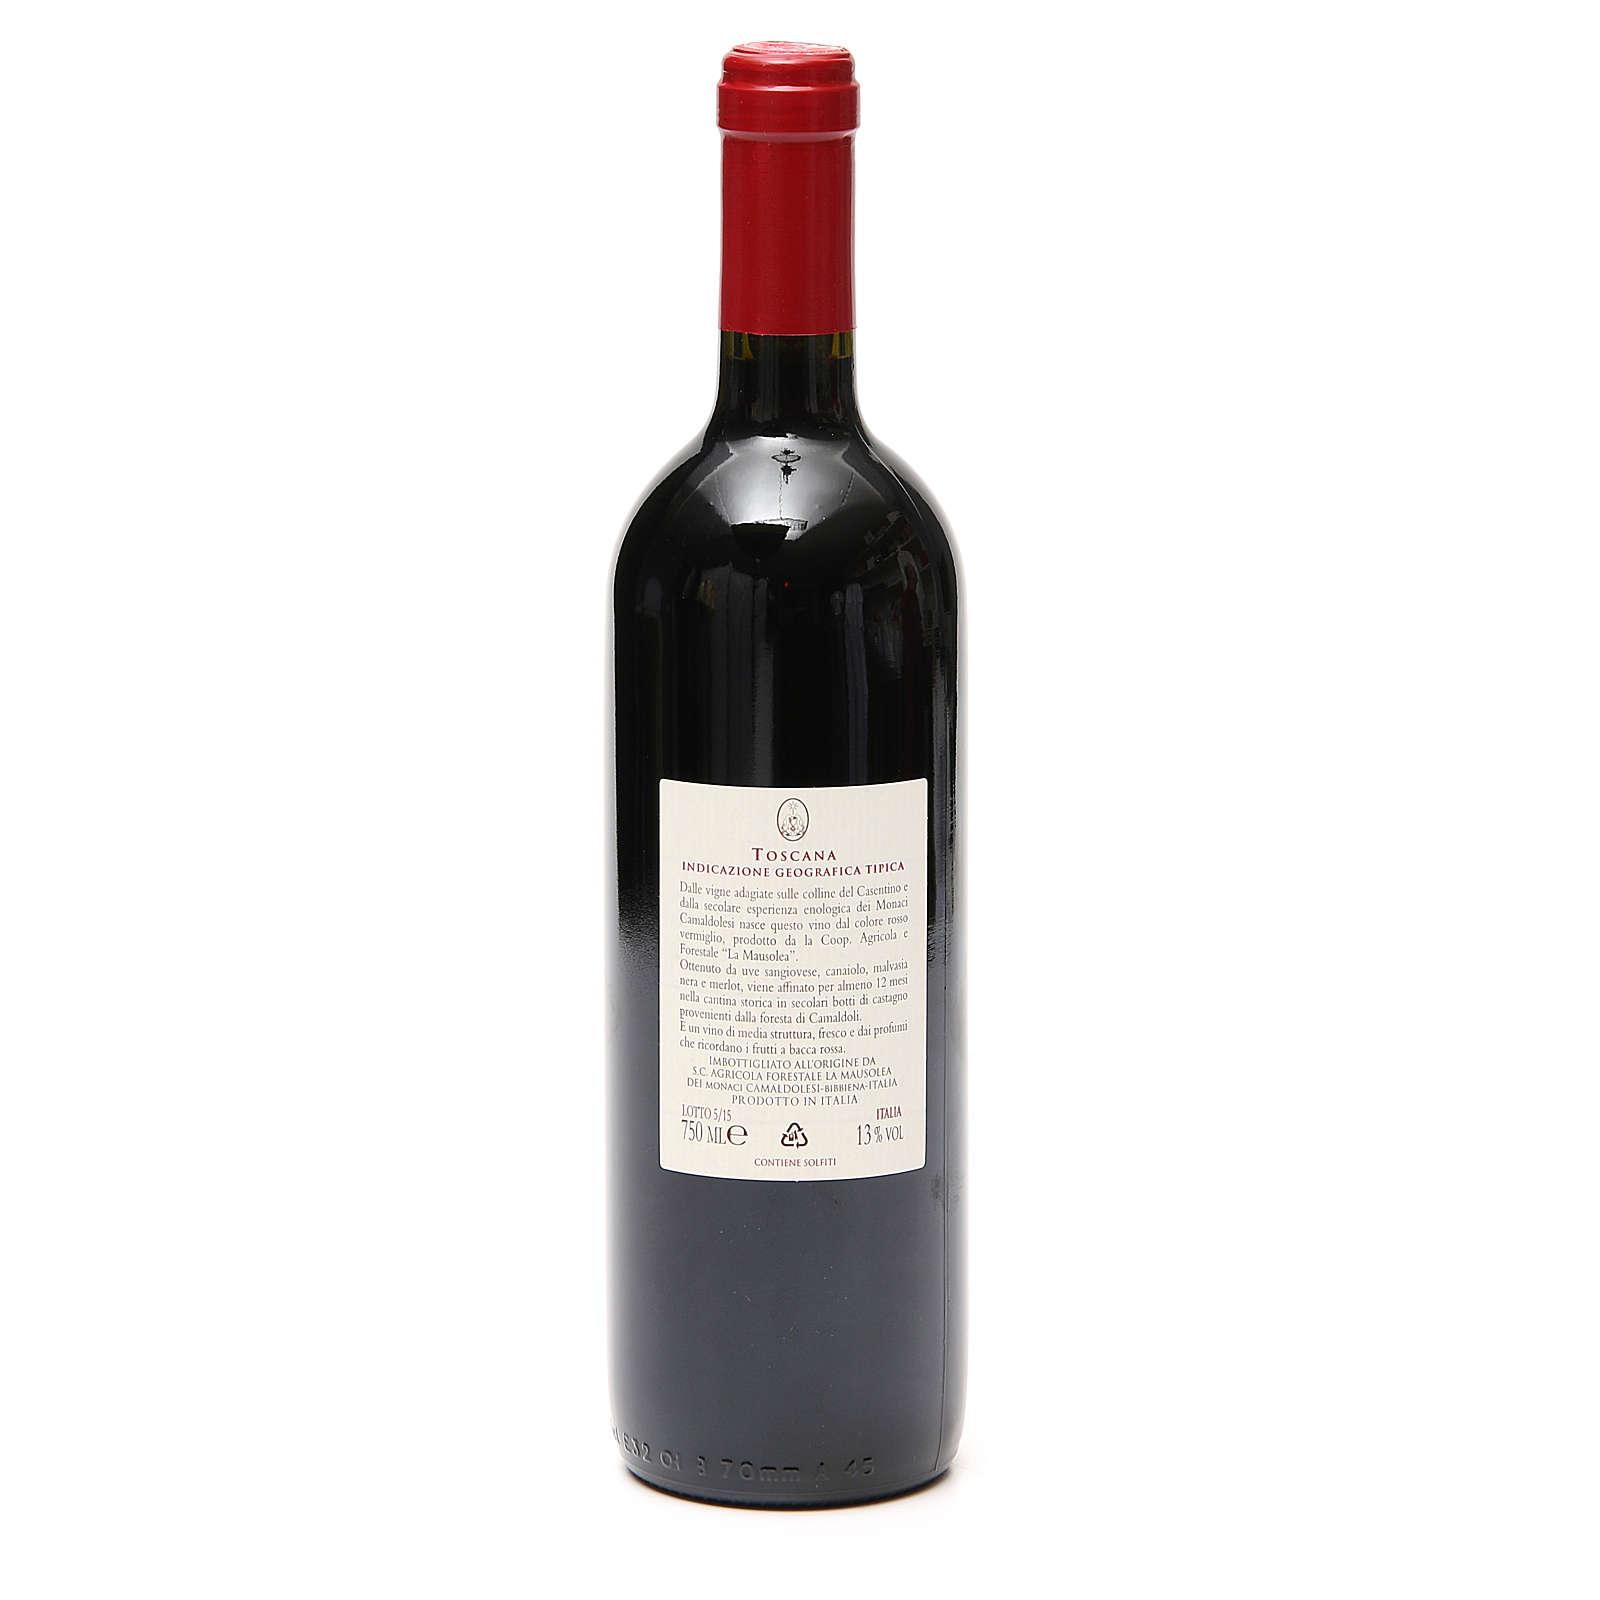 Rotwein Tuskanien Borbotto Weinlese 2012 3